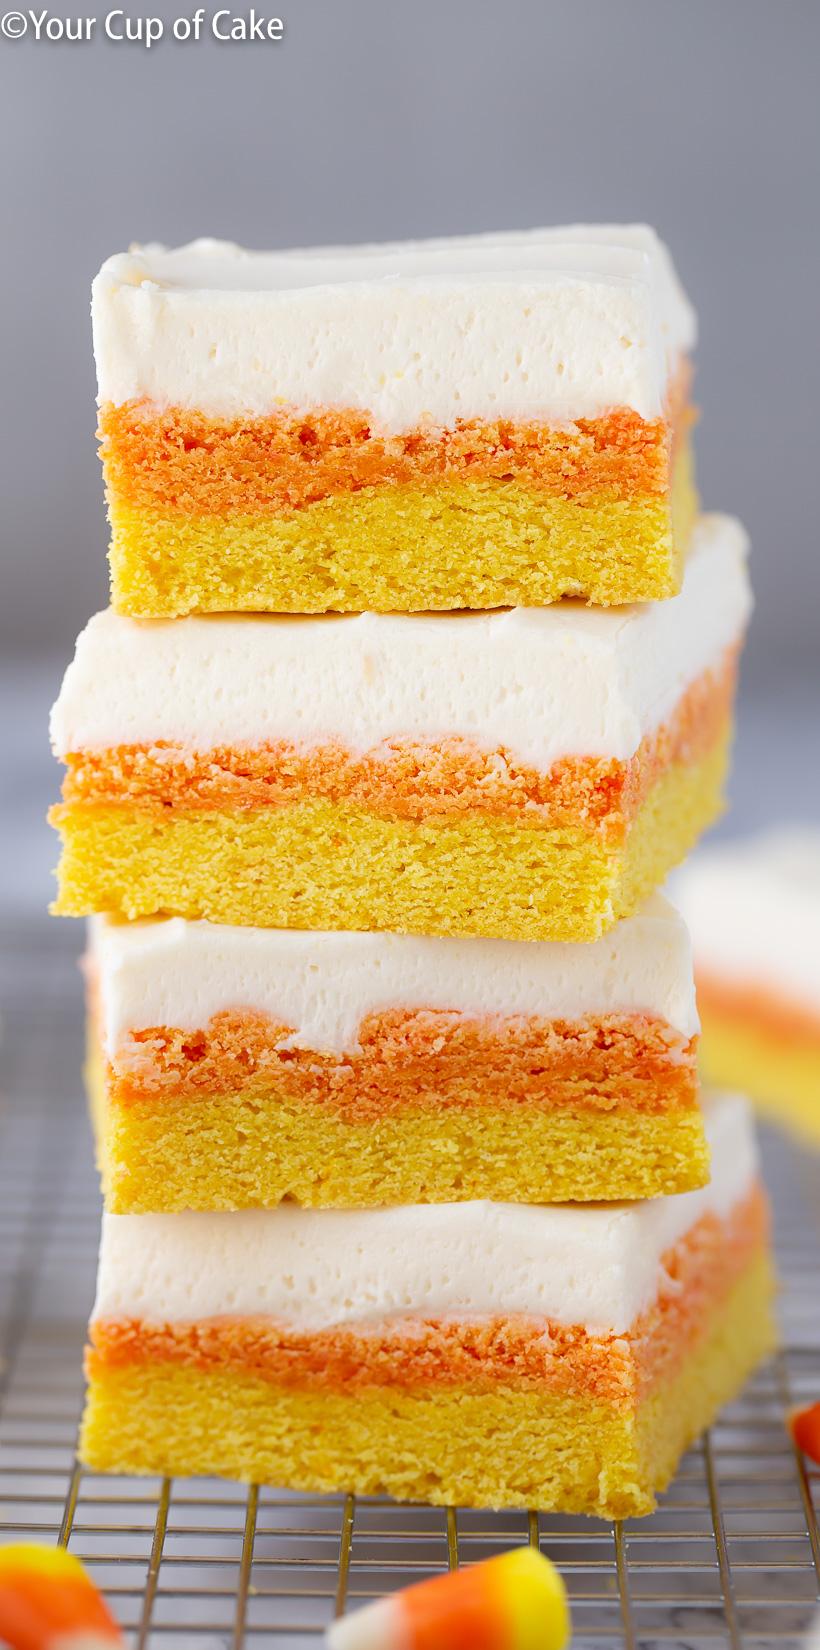 Estoy enamorado de esta receta. LAS MEJORES barras de galletas de azúcar y maíz dulce